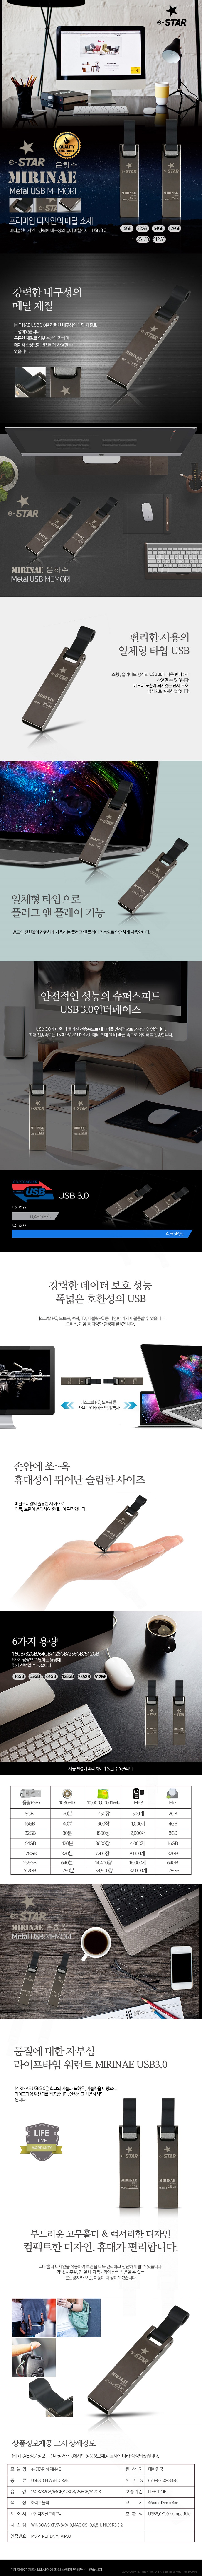 디지탈그리고나 e-STAR MIRINAE USB 3.0(16GB)